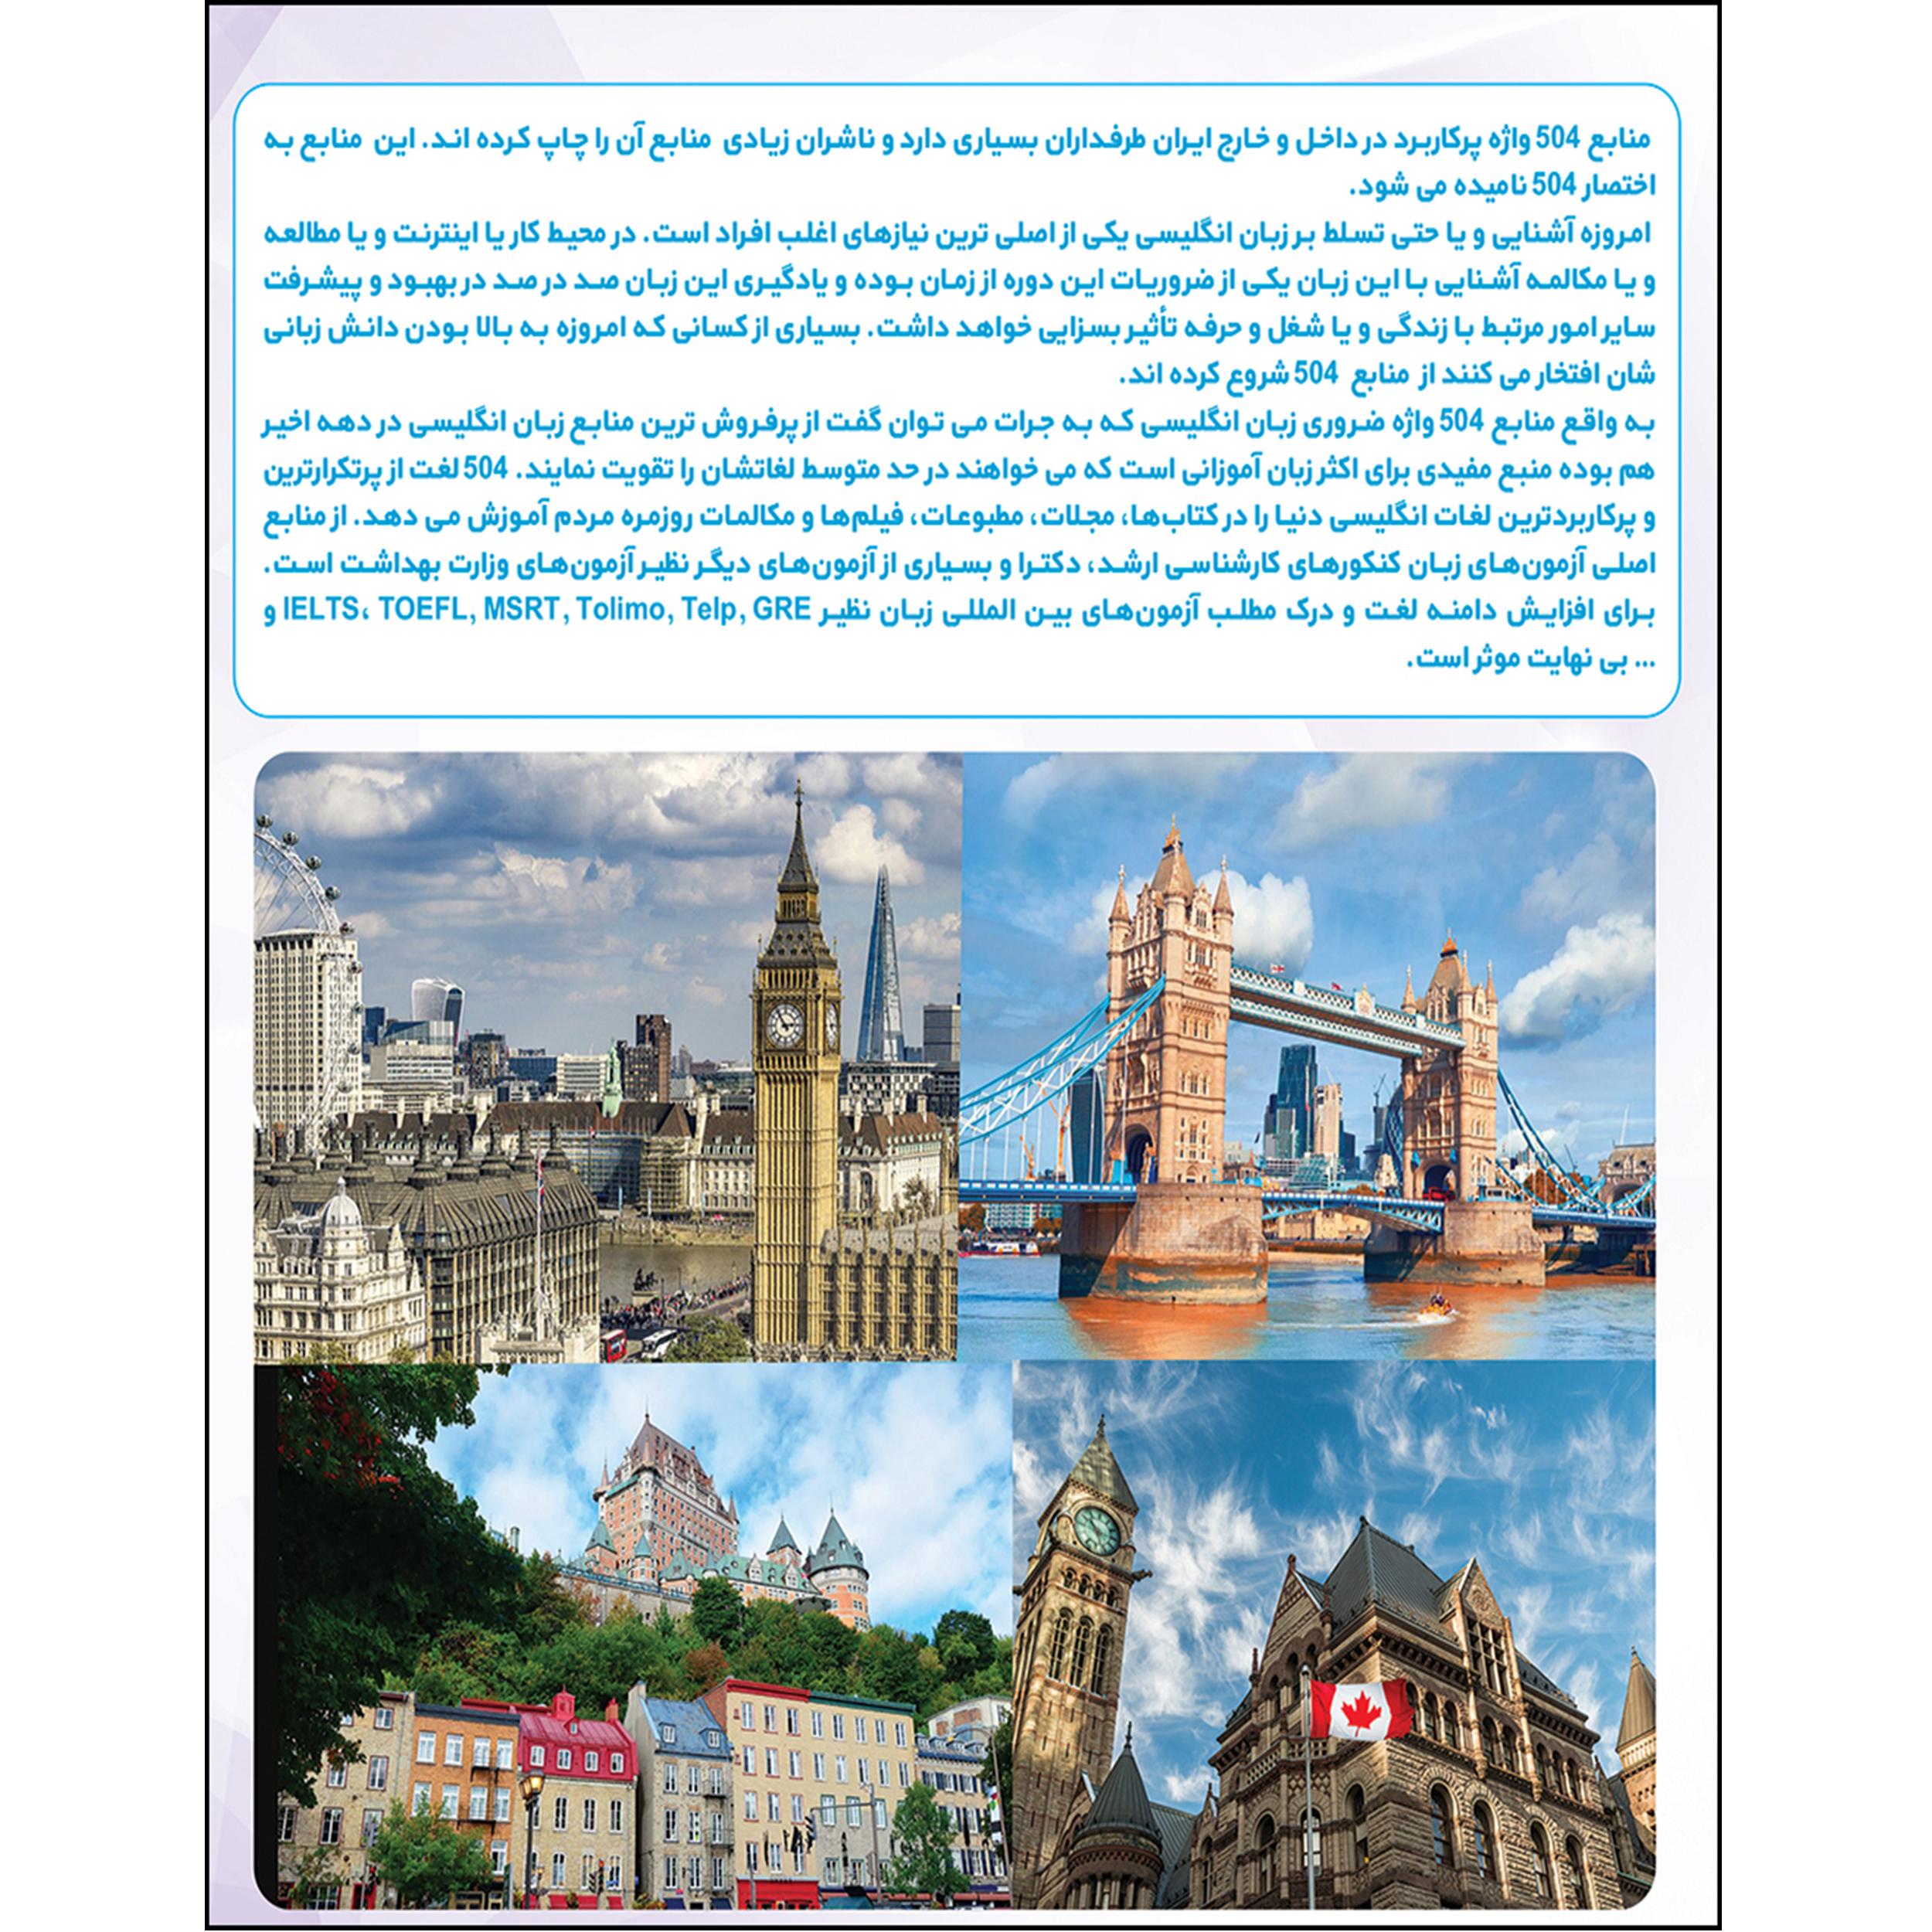 نرم افزار آموزش 504 لغت پر کاربرد زبان انگلیسی نشر پدیا سافت به همراه نرم افزار آموزش زبان انگلیسی Rosetta Stone لهجه بریتیش نشر پدیده